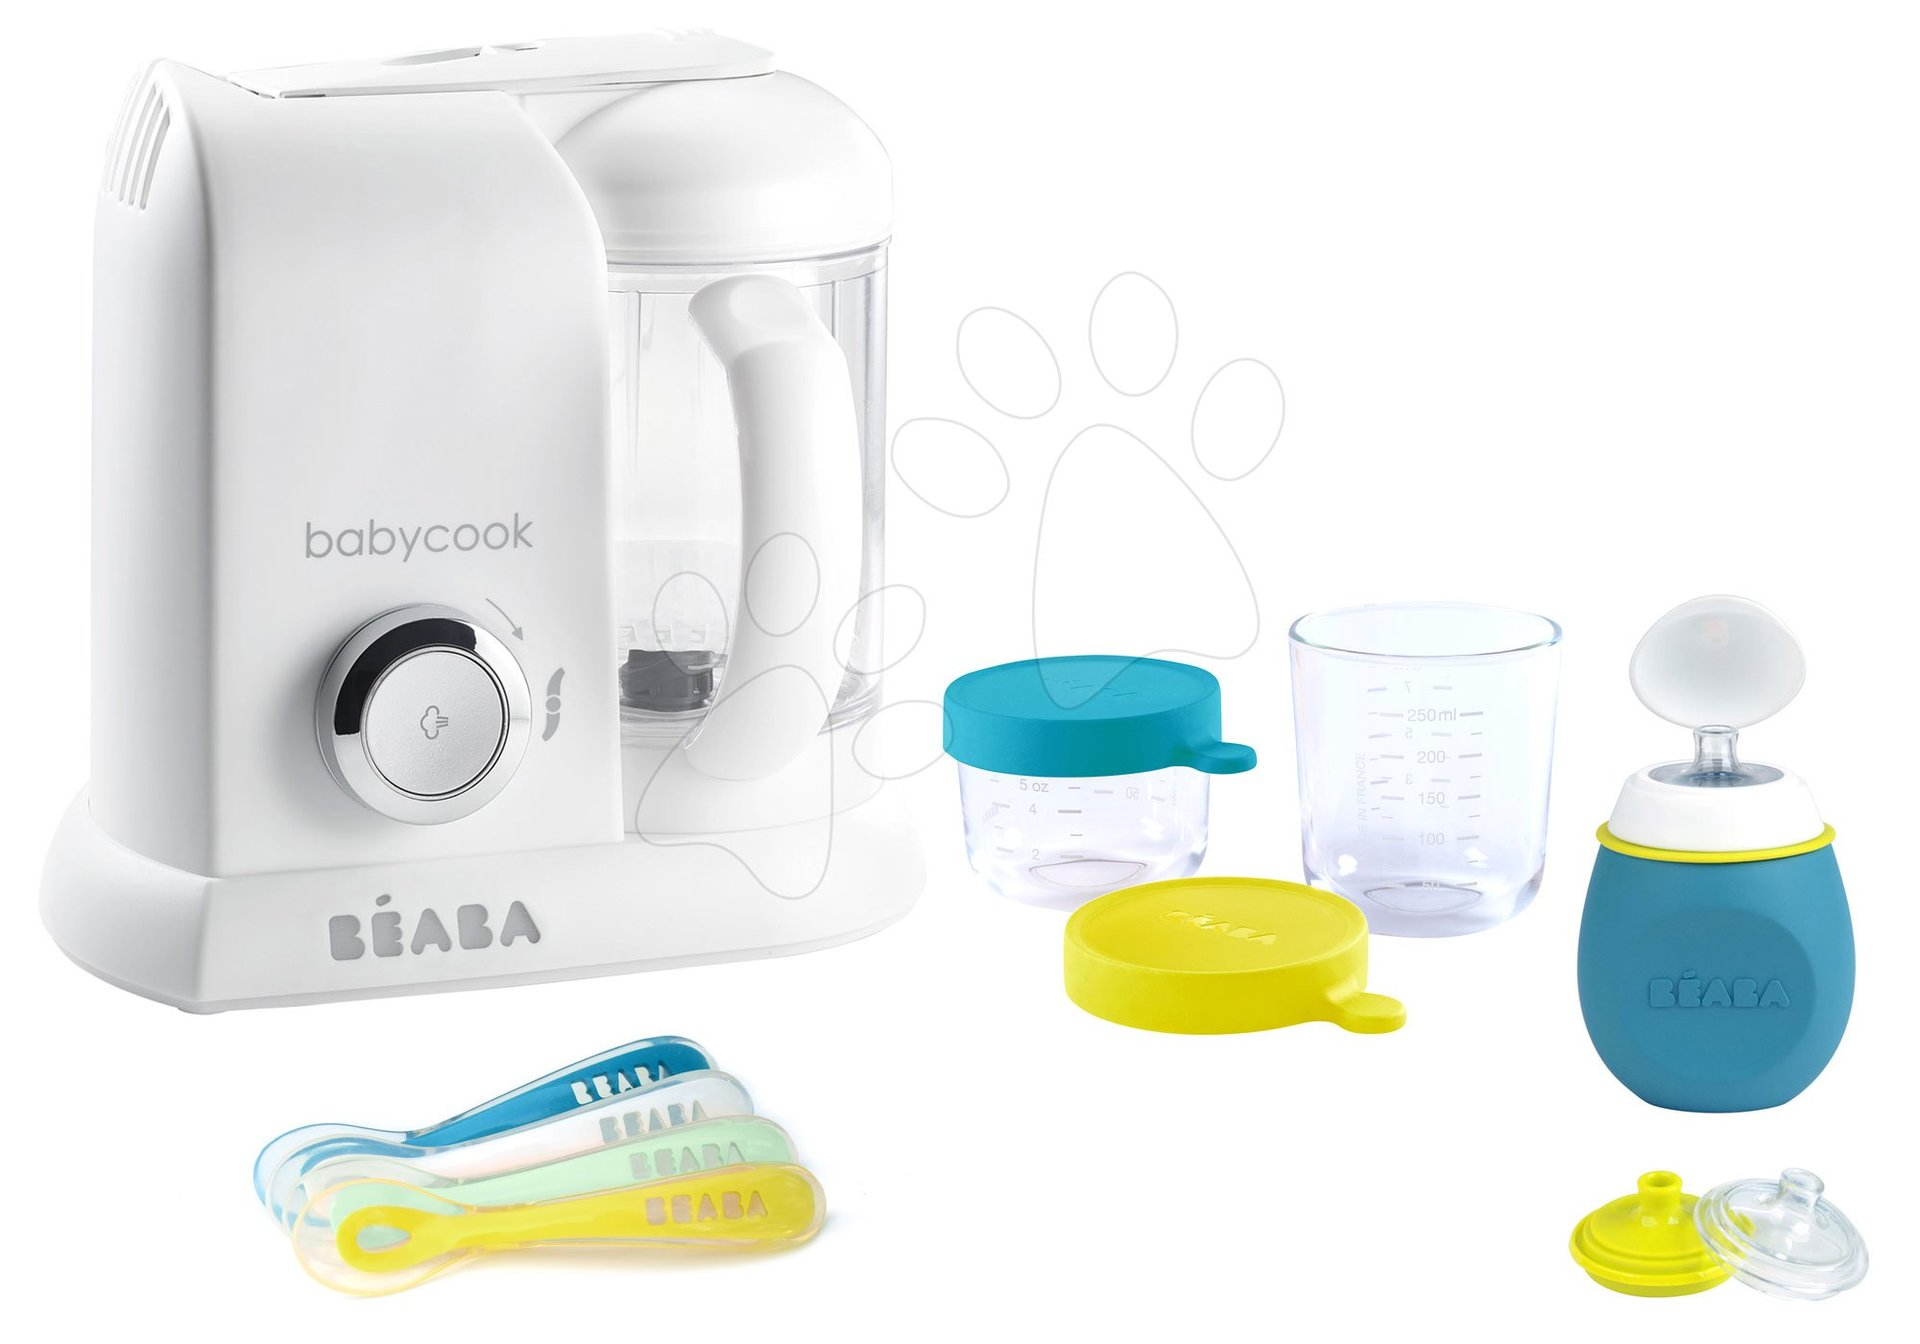 Beaba set parný varič a mixér Babycook® Solo, dózy na jedlo, fľaštička a sada tréningových lyžičiek 912675-3